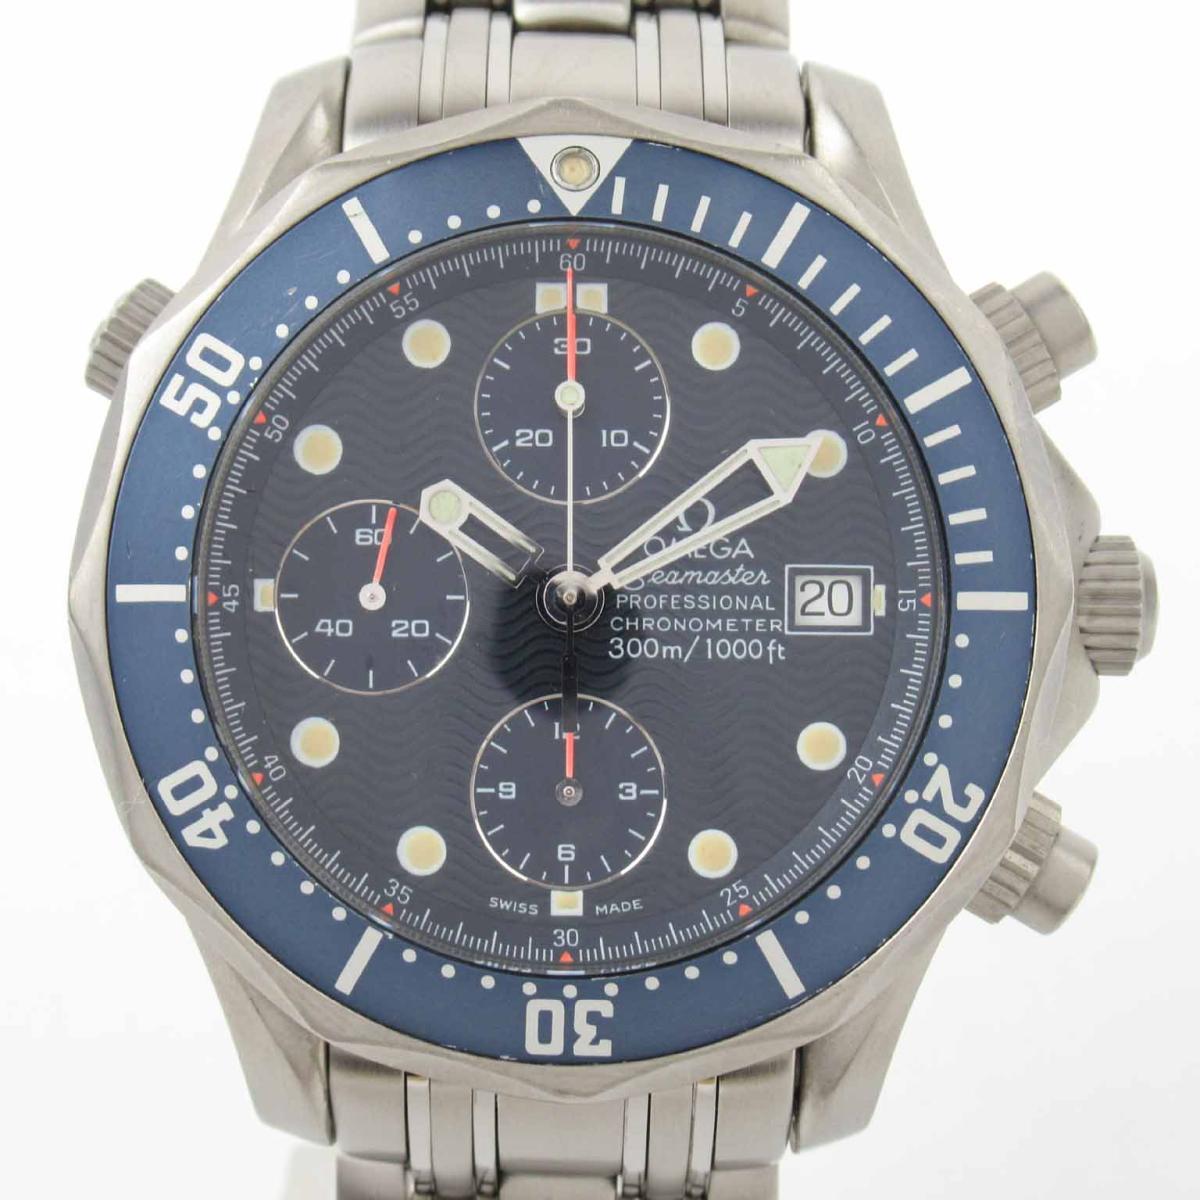 【中古】 オメガ シーマスター プロフェッショナル ウォッチ 腕時計 メンズ チタン (2298.80) | OMEGA BRANDOFF ブランドオフ ブランド ブランド時計 ブランド腕時計 時計